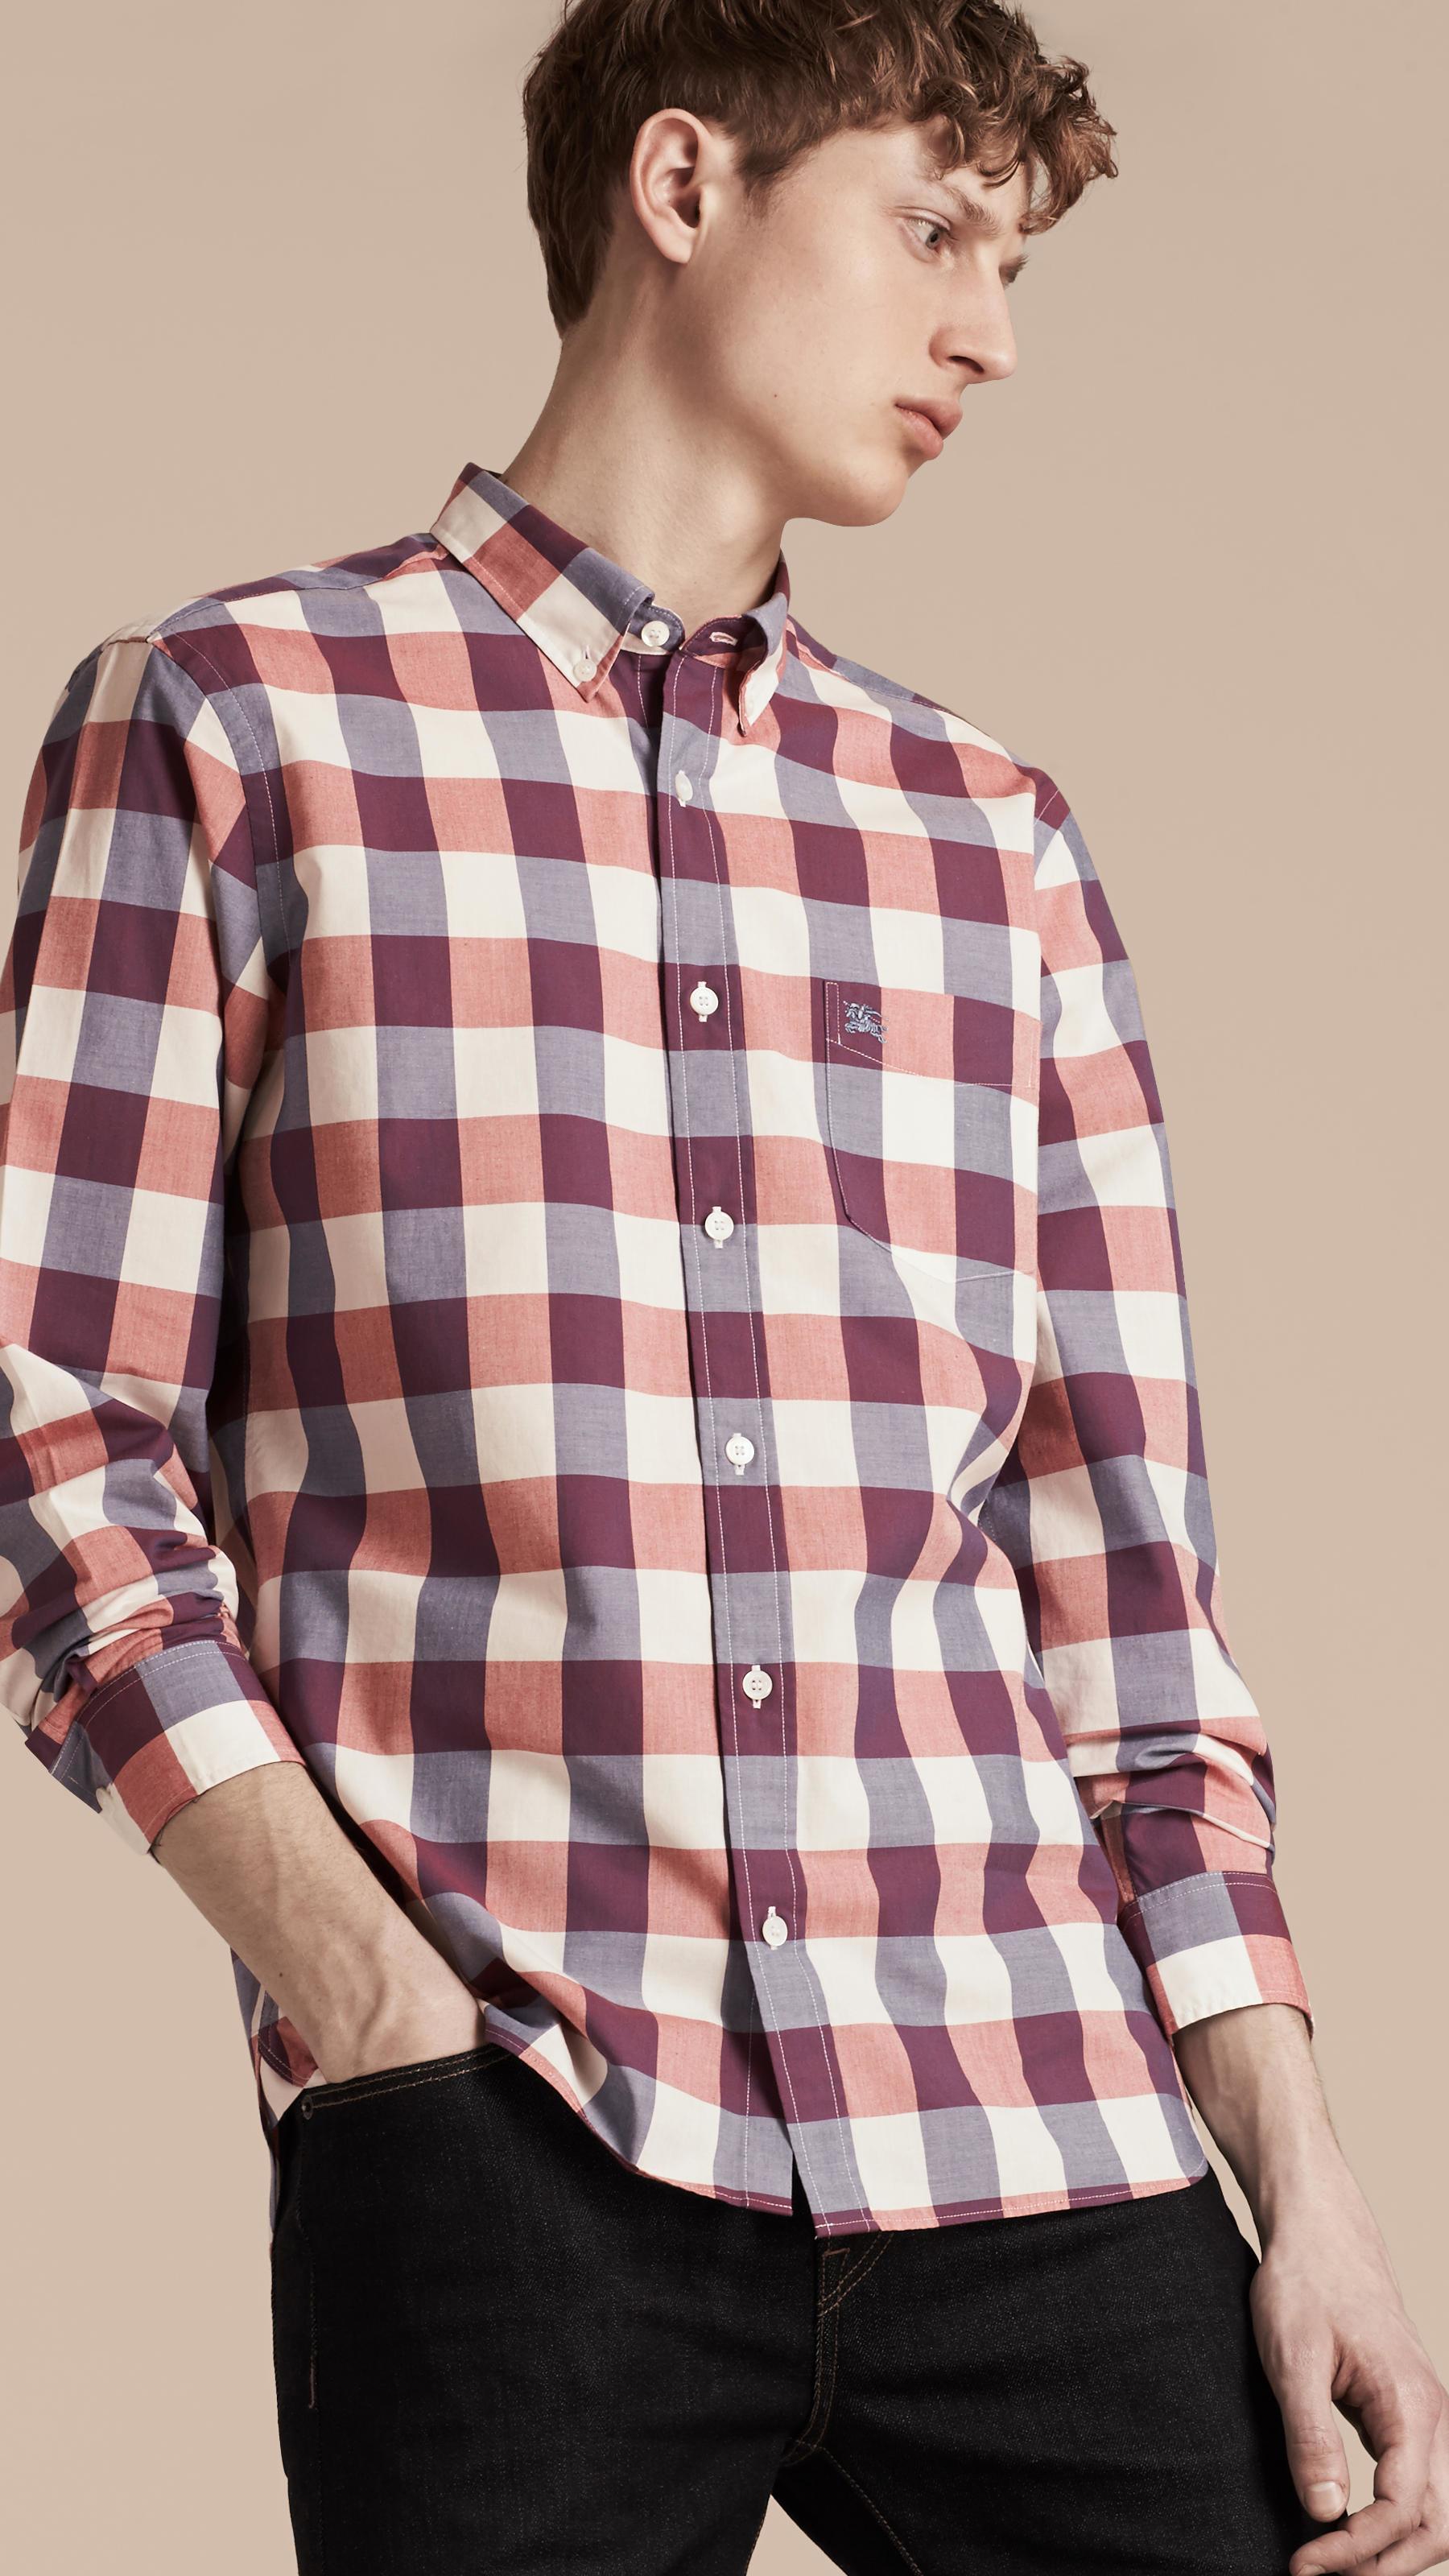 Burberry Button Down Collar Gingham Cotton Shirt Light